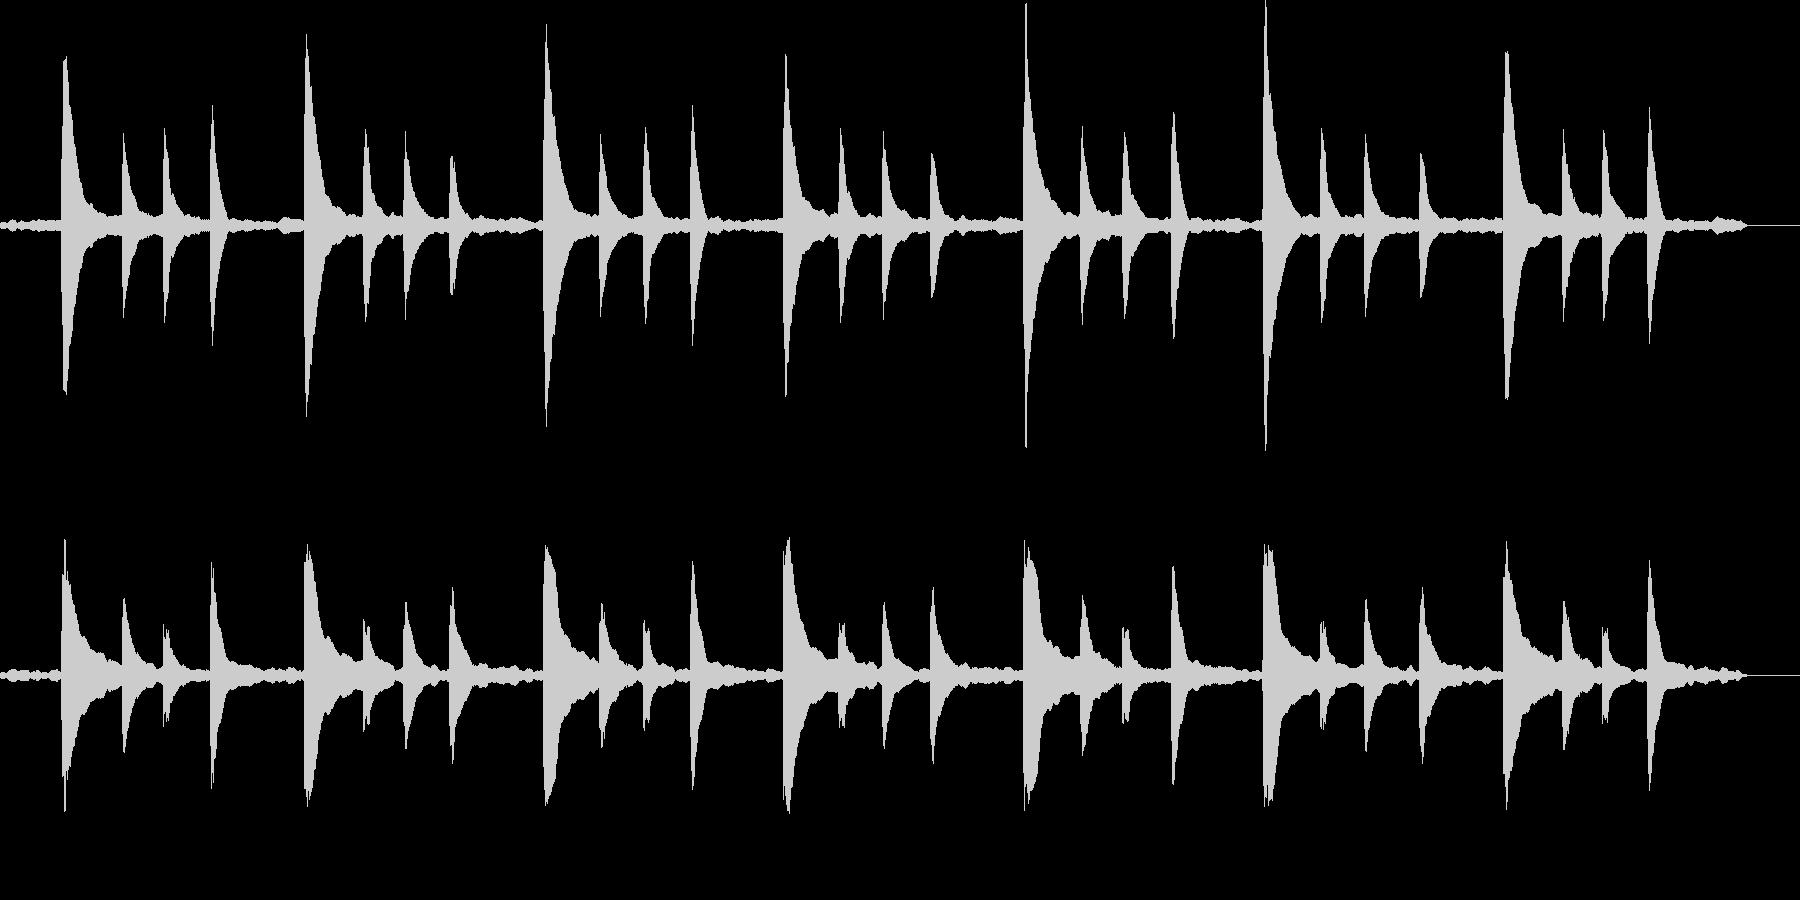 「風景」「映像」に合うピアノBGMの未再生の波形